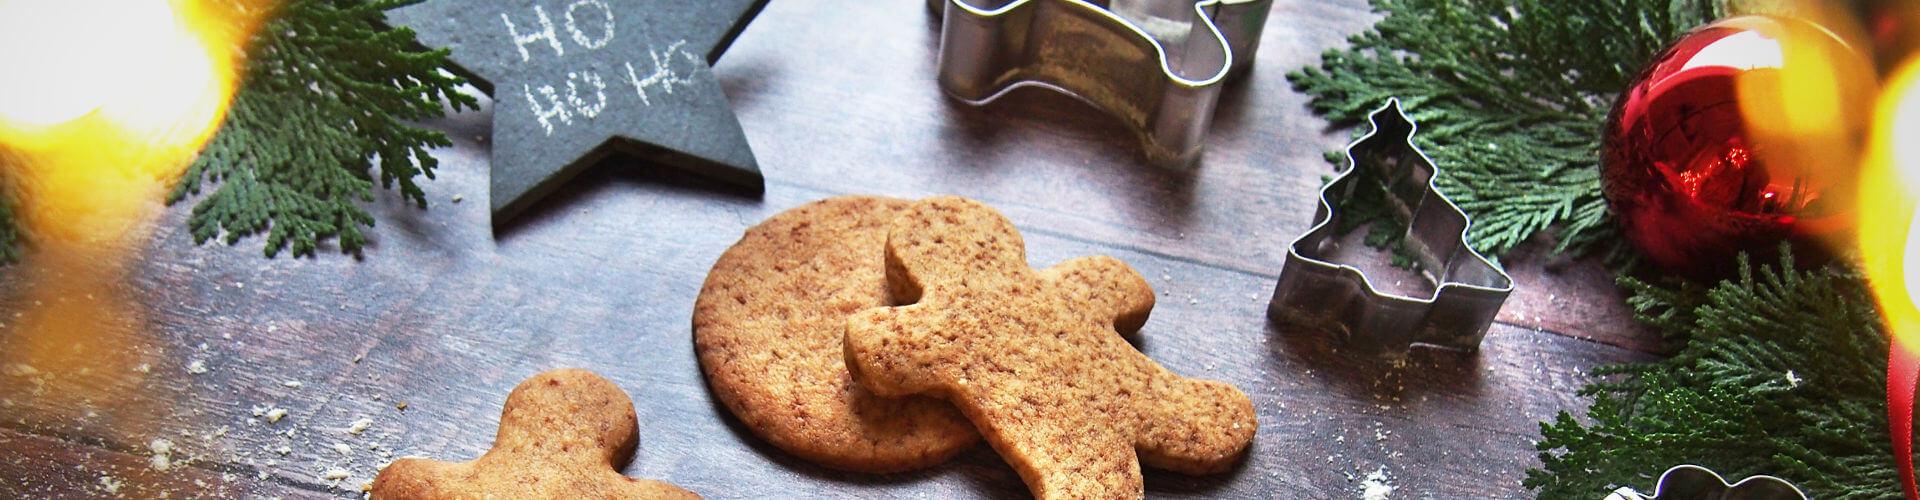 Kekse-aus-5-Zutaten